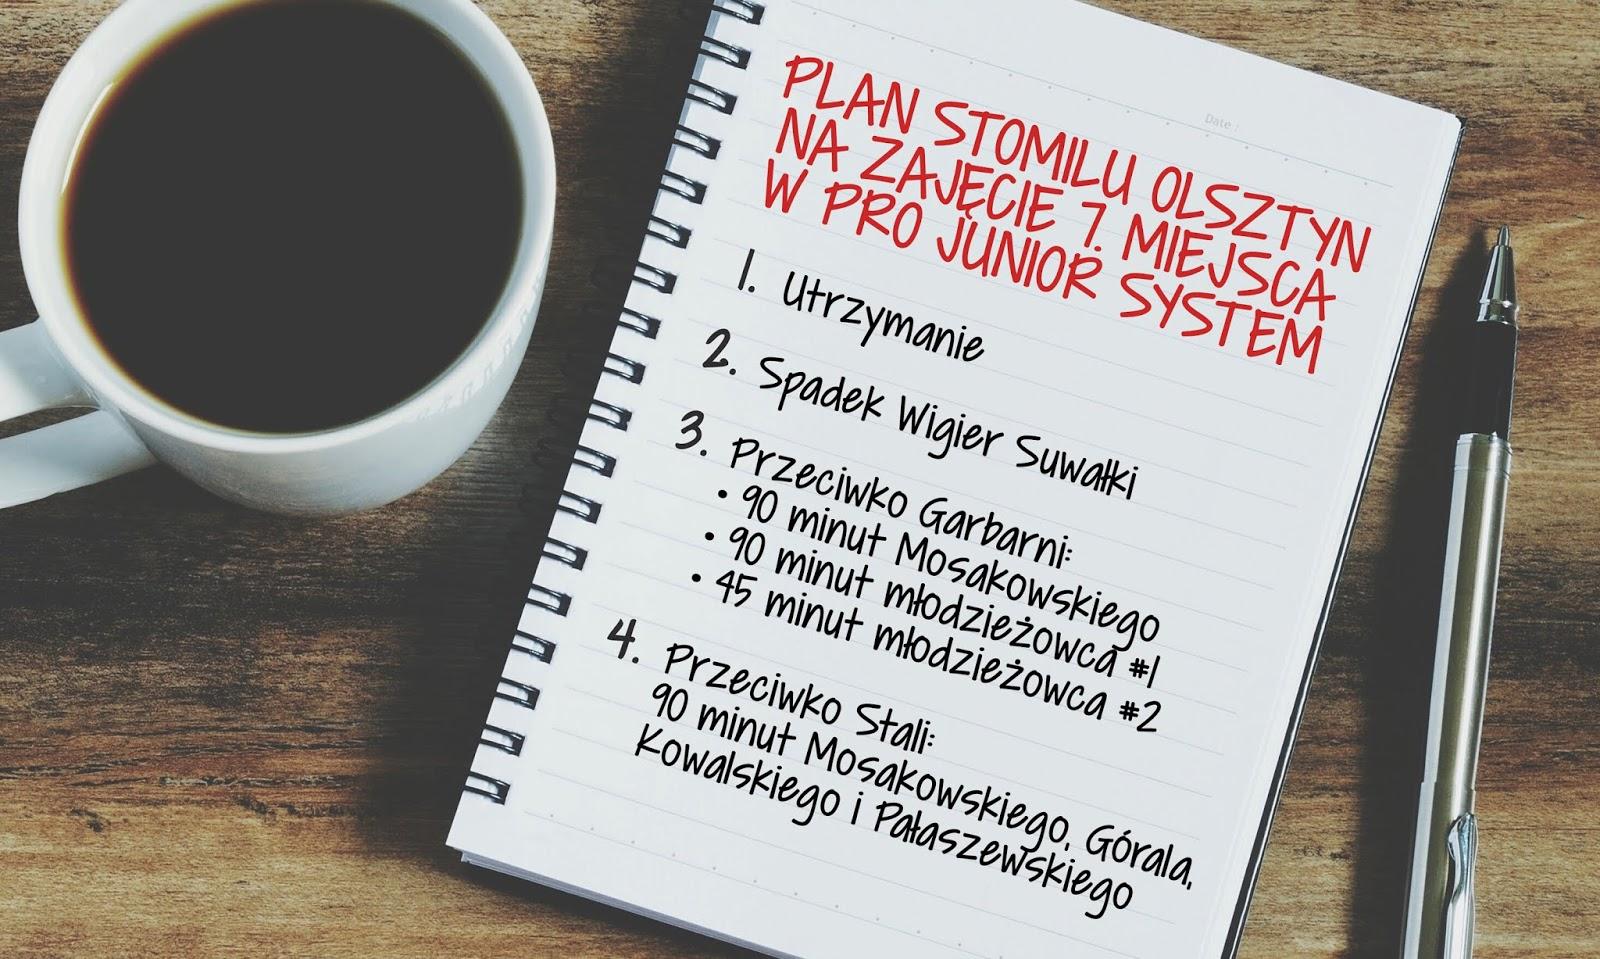 Plan Stomilu Olsztyn na zajęcie 7. miejsce w klasyfikacji Pro Junior System 2018/19